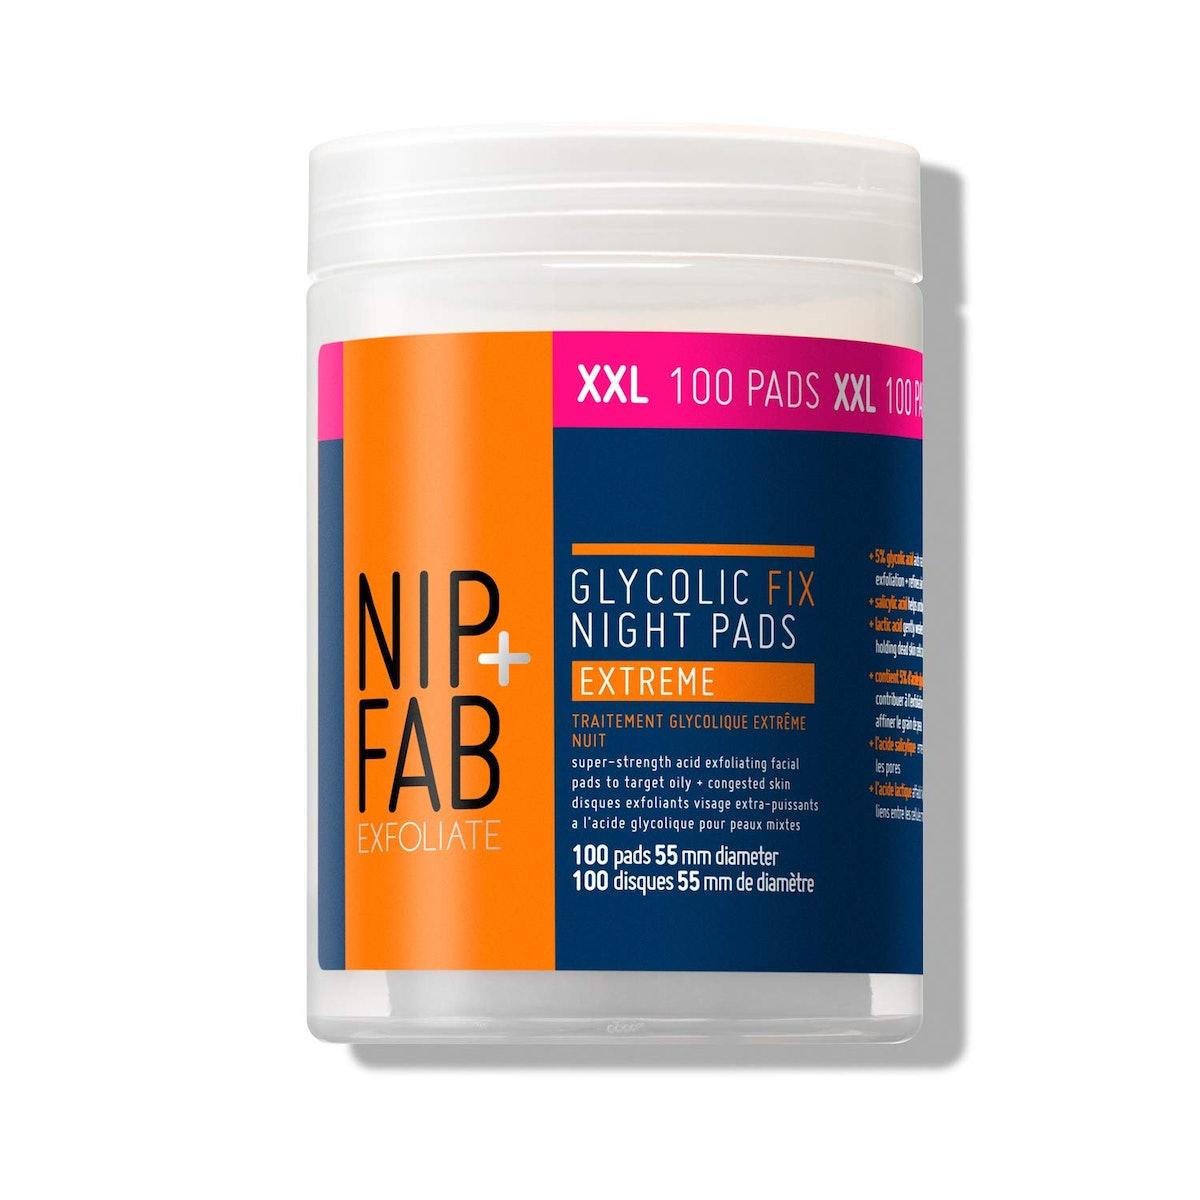 Nip + Fab Glycolic Fix Night Pads Extreme